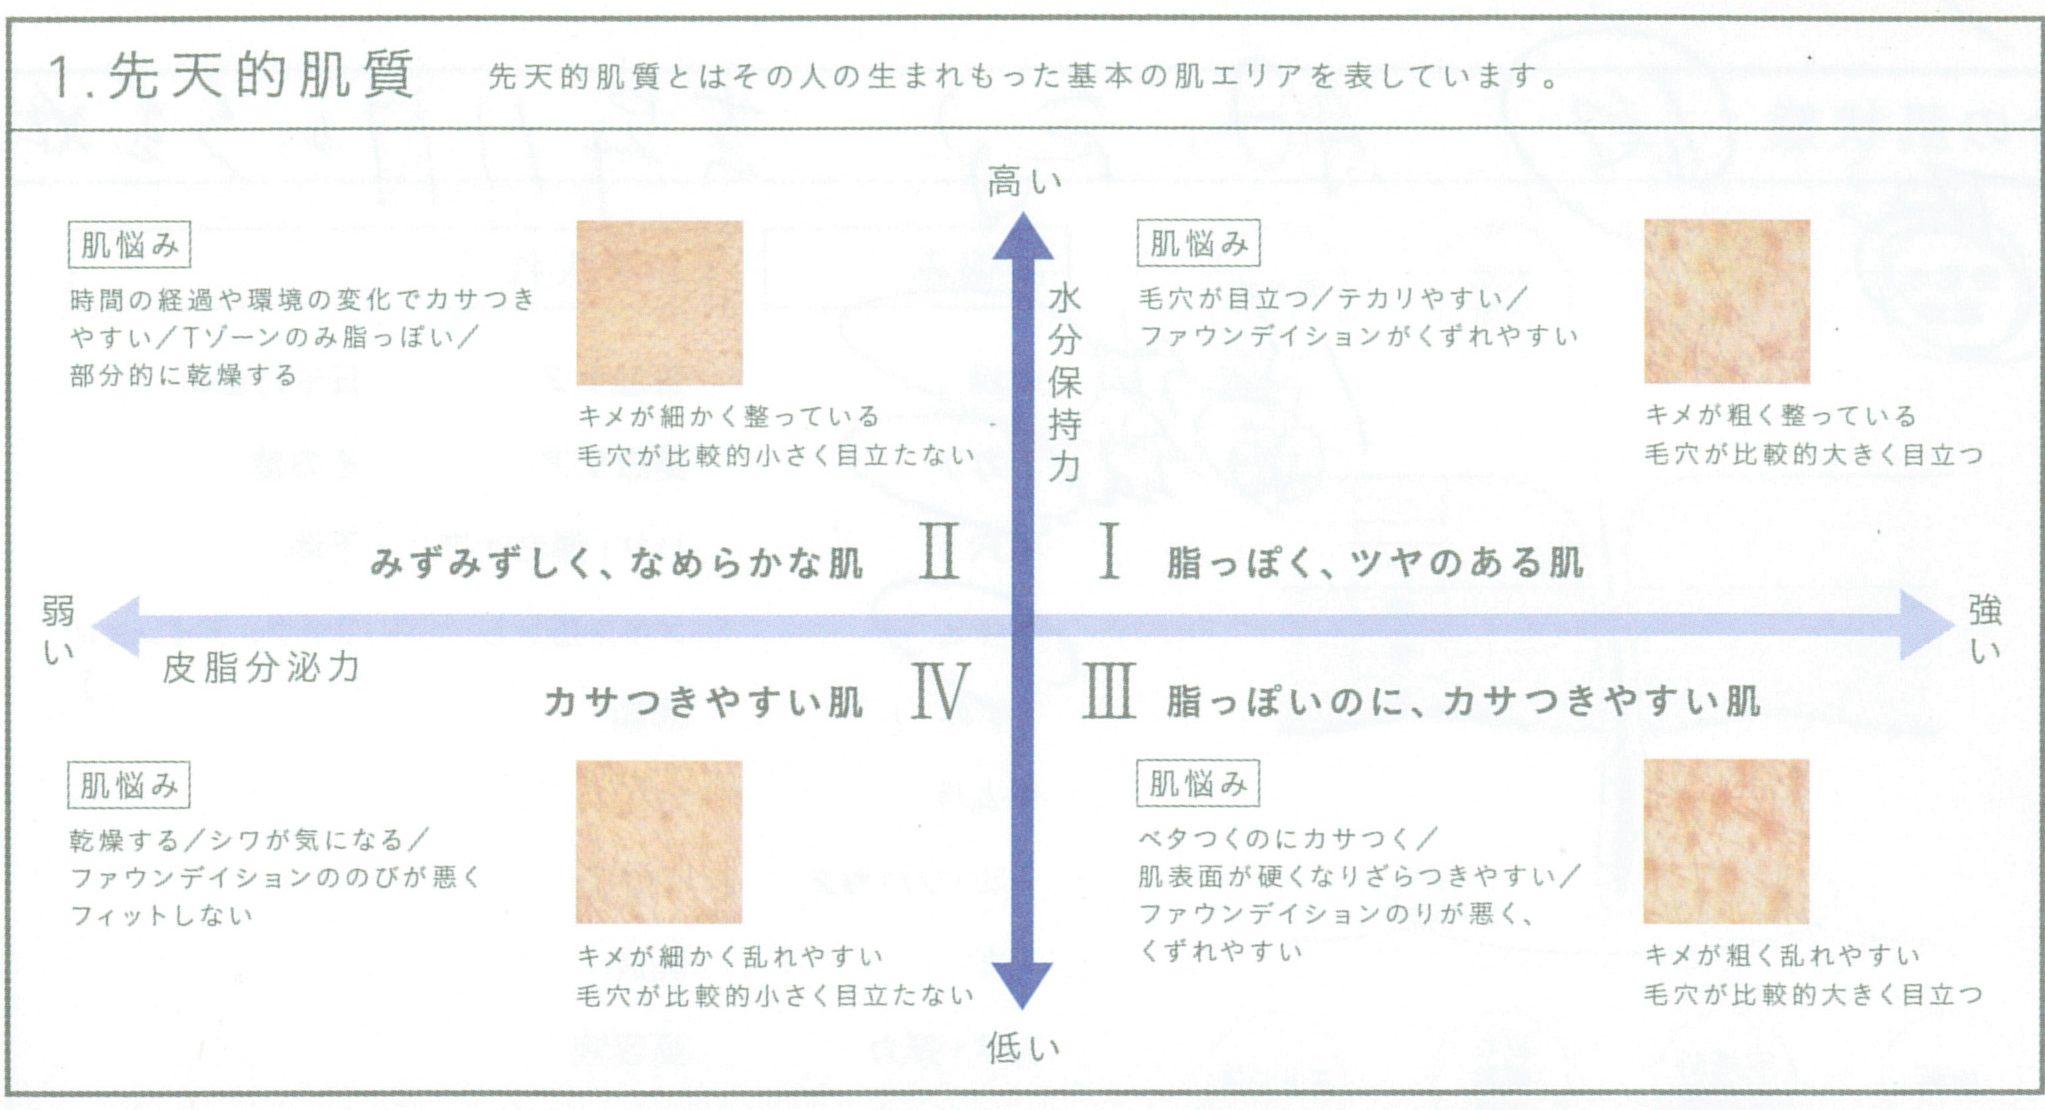 自分の肌質がどのようなものか、4種類のタイプに分けられます。